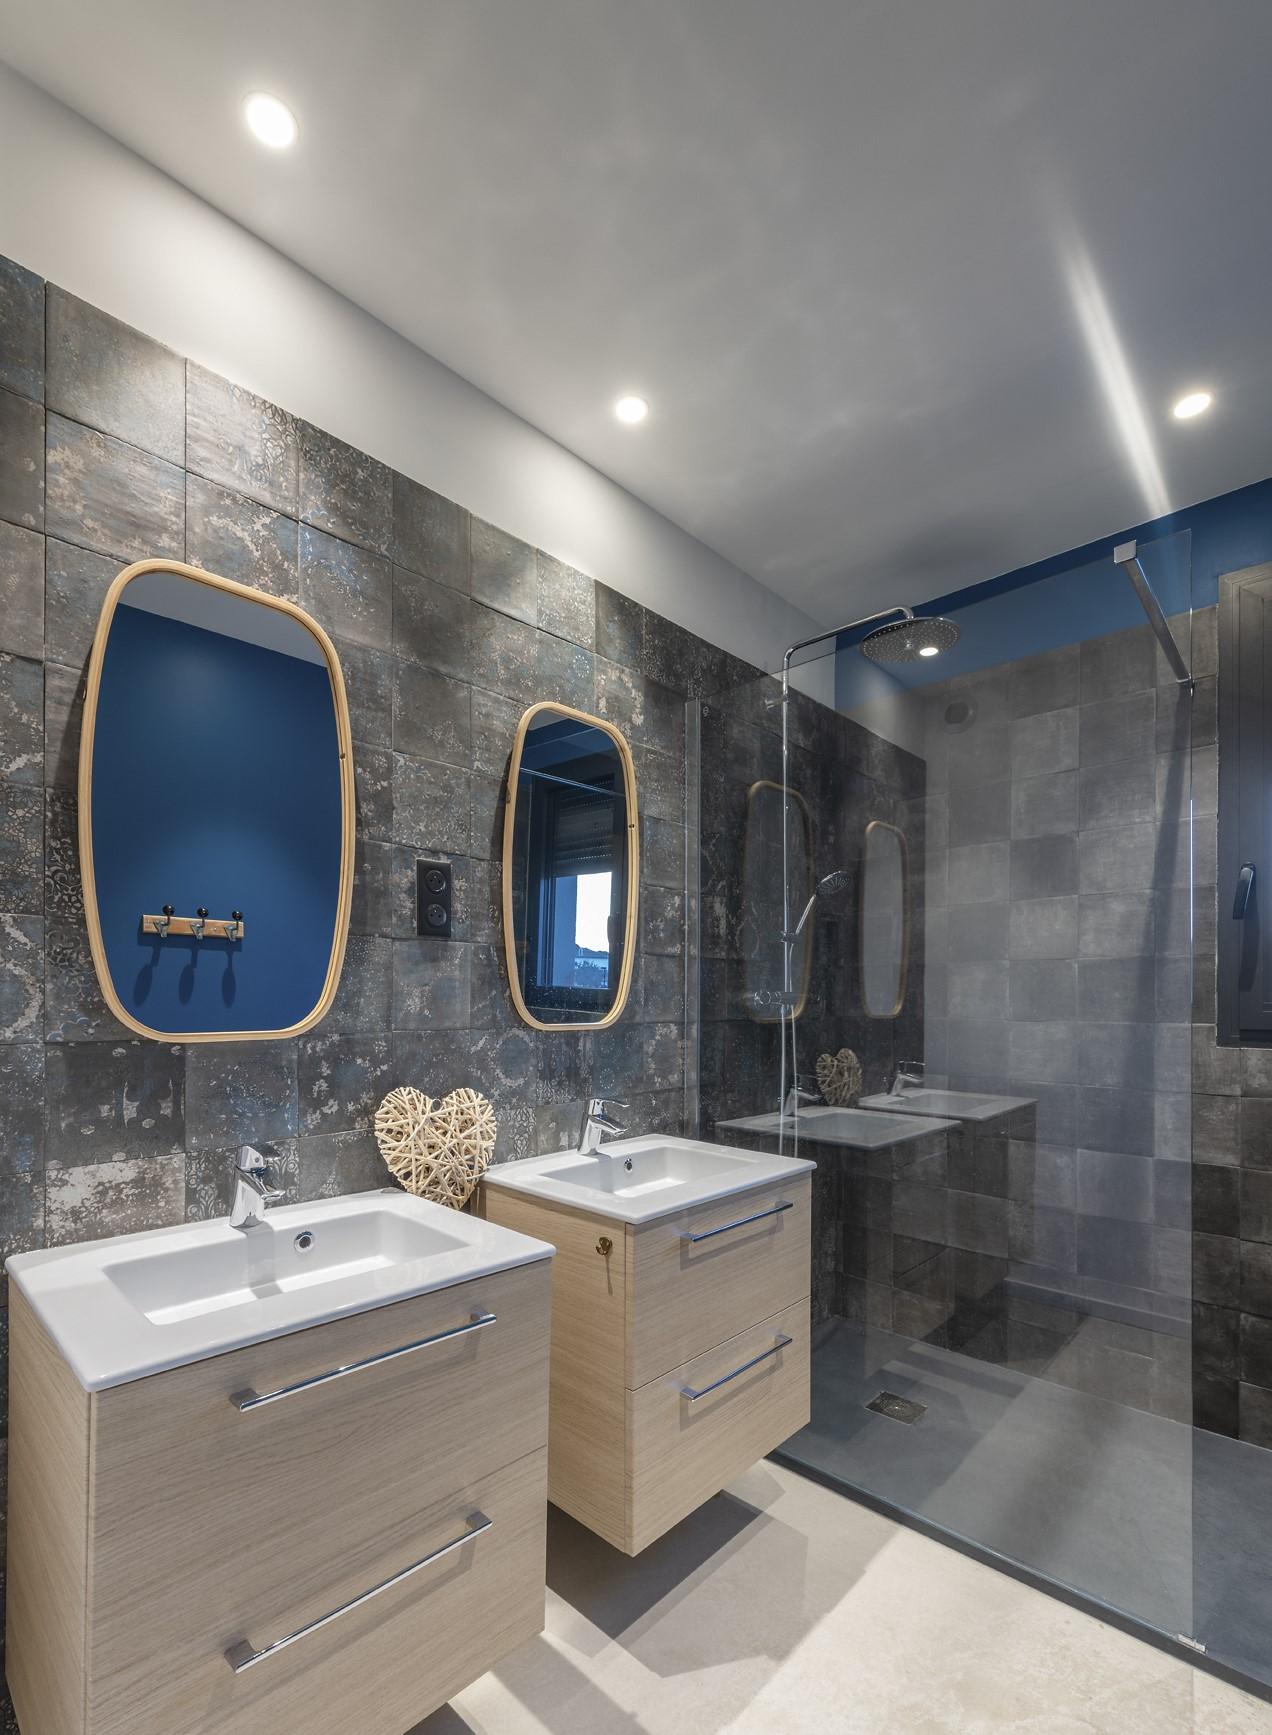 Salle de bain de la villa privée Zeta